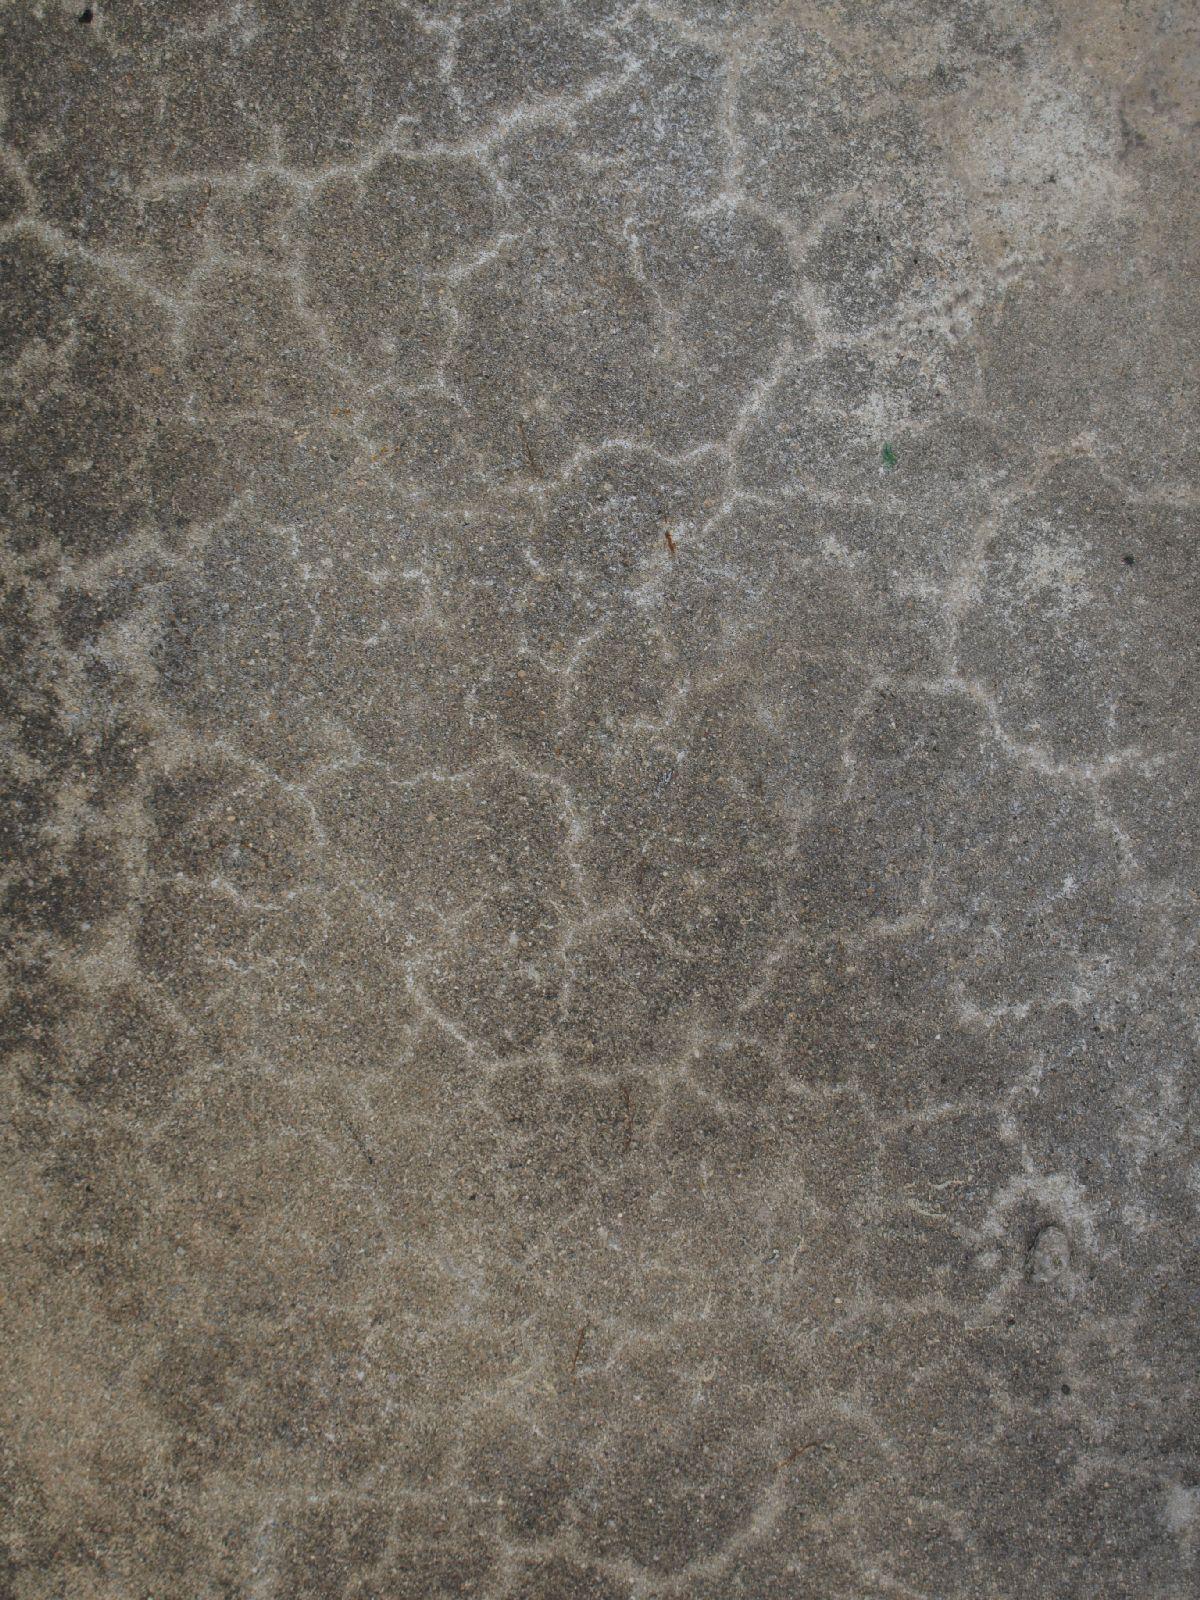 Ground-Urban_Texture_A_P8204509